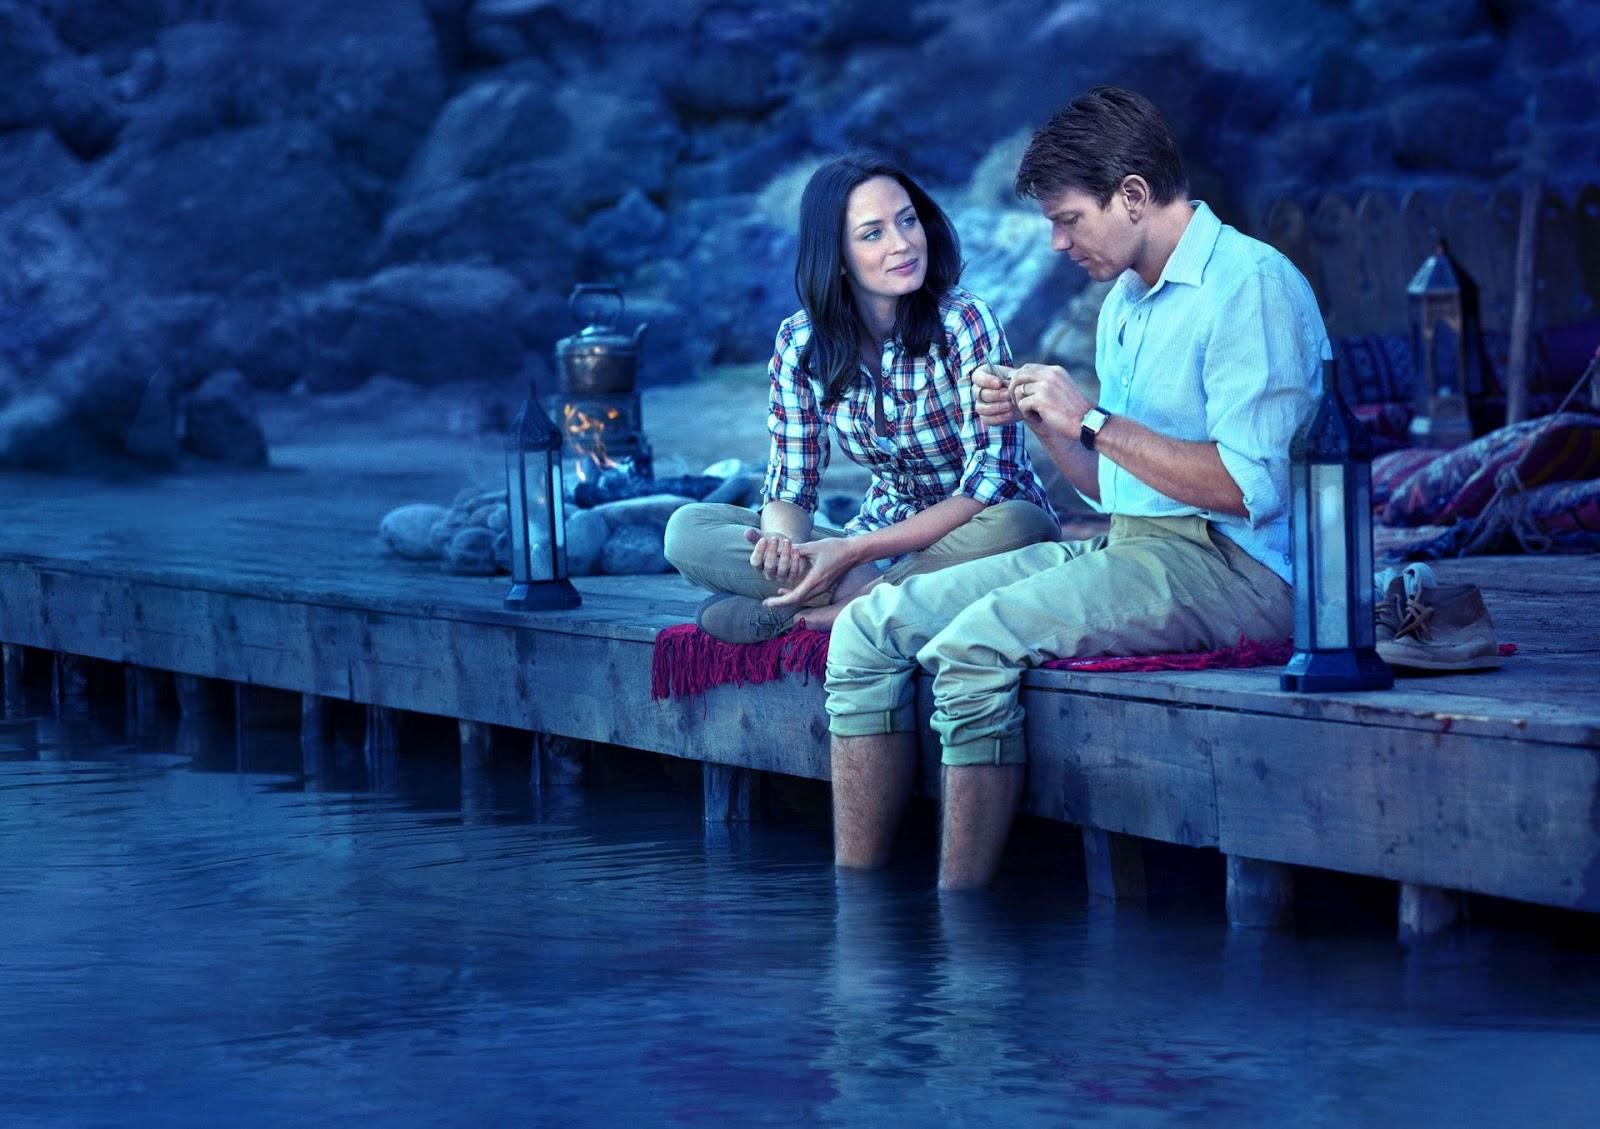 http://4.bp.blogspot.com/-IIBNvZNRLCU/UGGDjMMuAYI/AAAAAAAAkgU/mgGR3o3weoE/s1600/2012_salmon_fishing_002.jpg